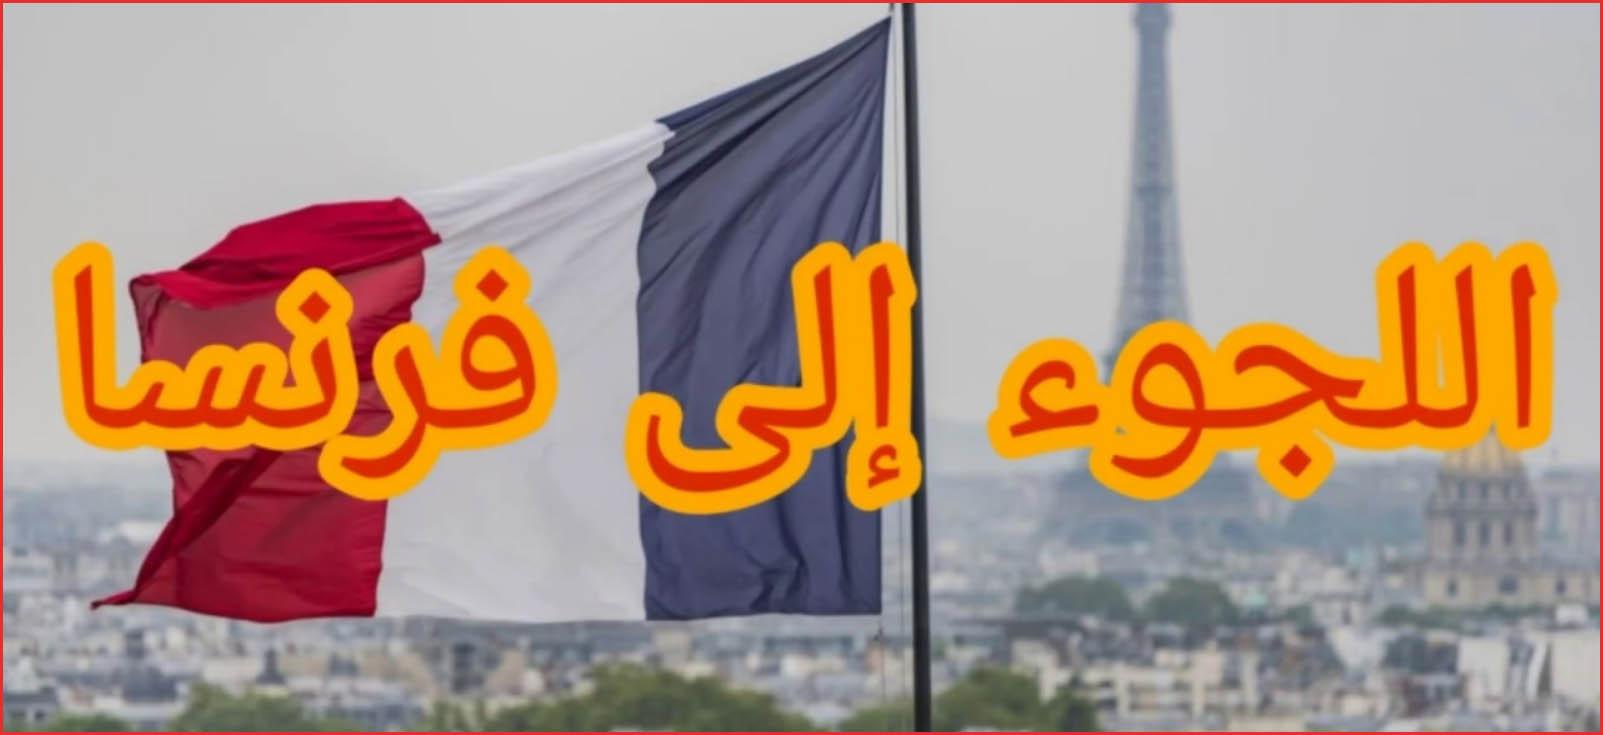 ما هي الأسباب التي تسمح بقبول طلب اللجوء السياسي في فرنسا